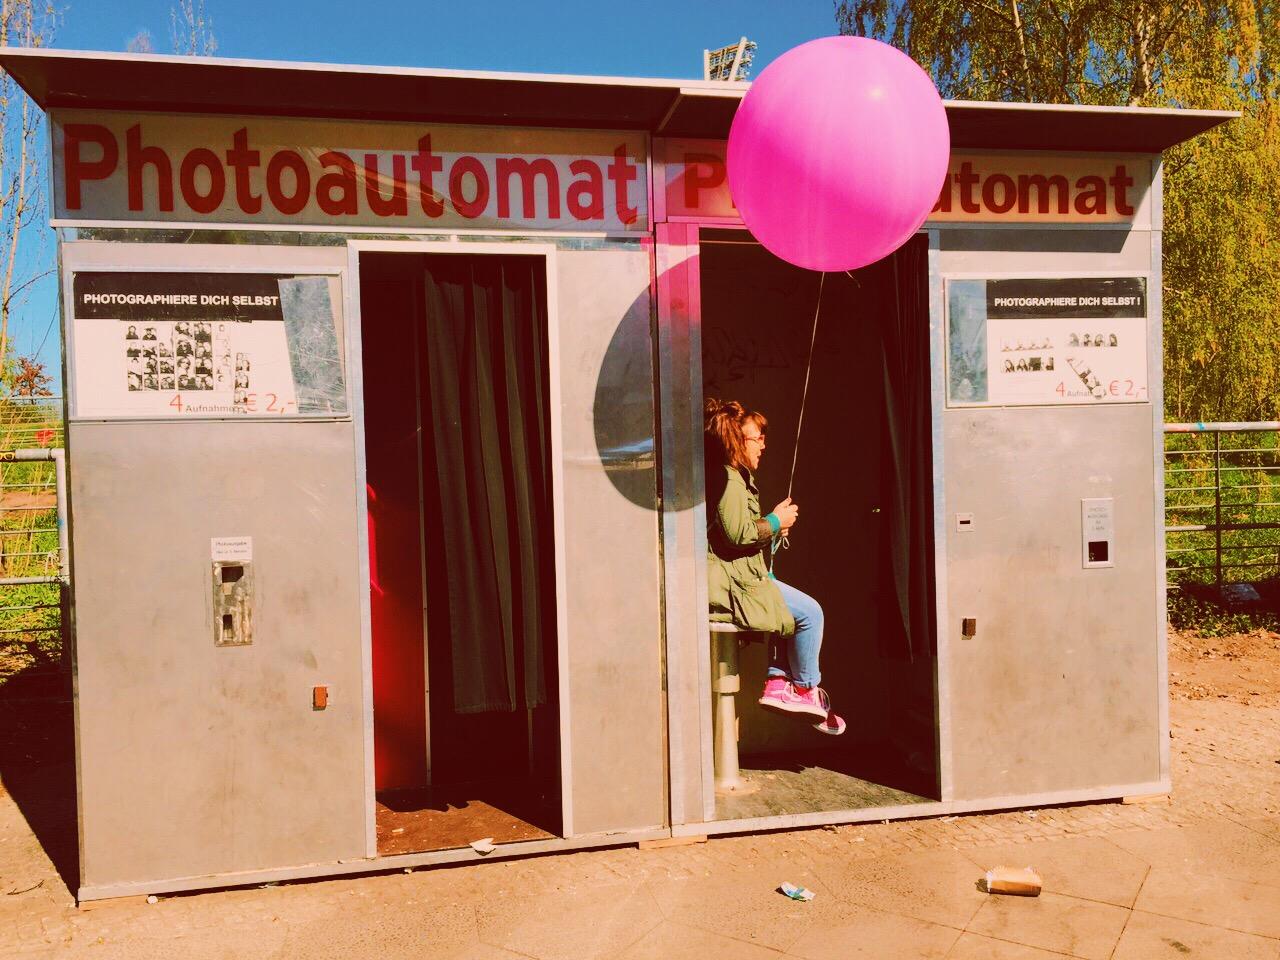 Ninia Binias sitzt in einem alten Photoautomaten und hält einen pinken Luftballon in der Hand